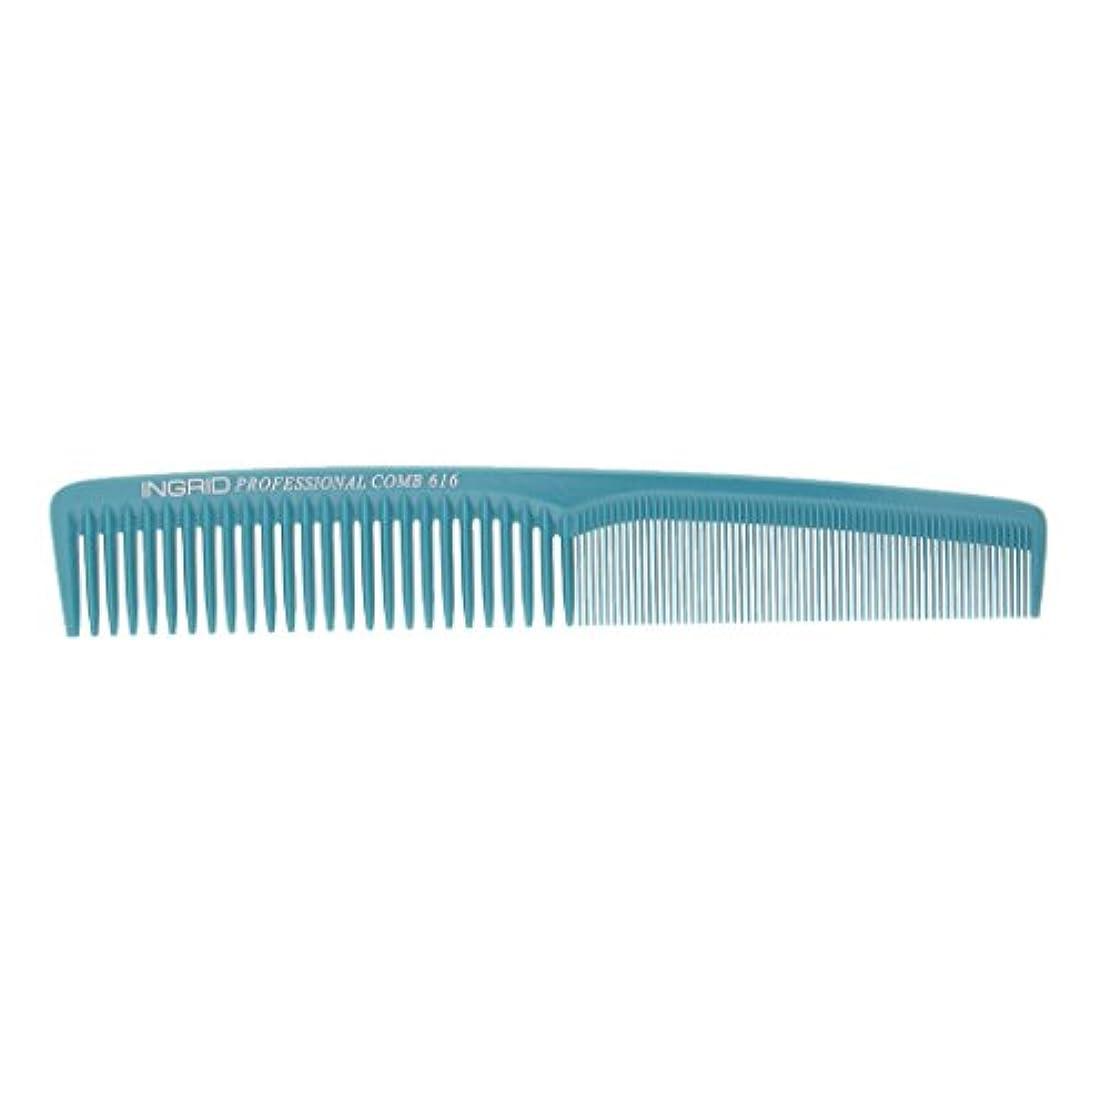 結果受動的散逸FutuHome ファッショナブルなヘアカット理髪師美容院プラスチック製の櫛 - ライトブルー